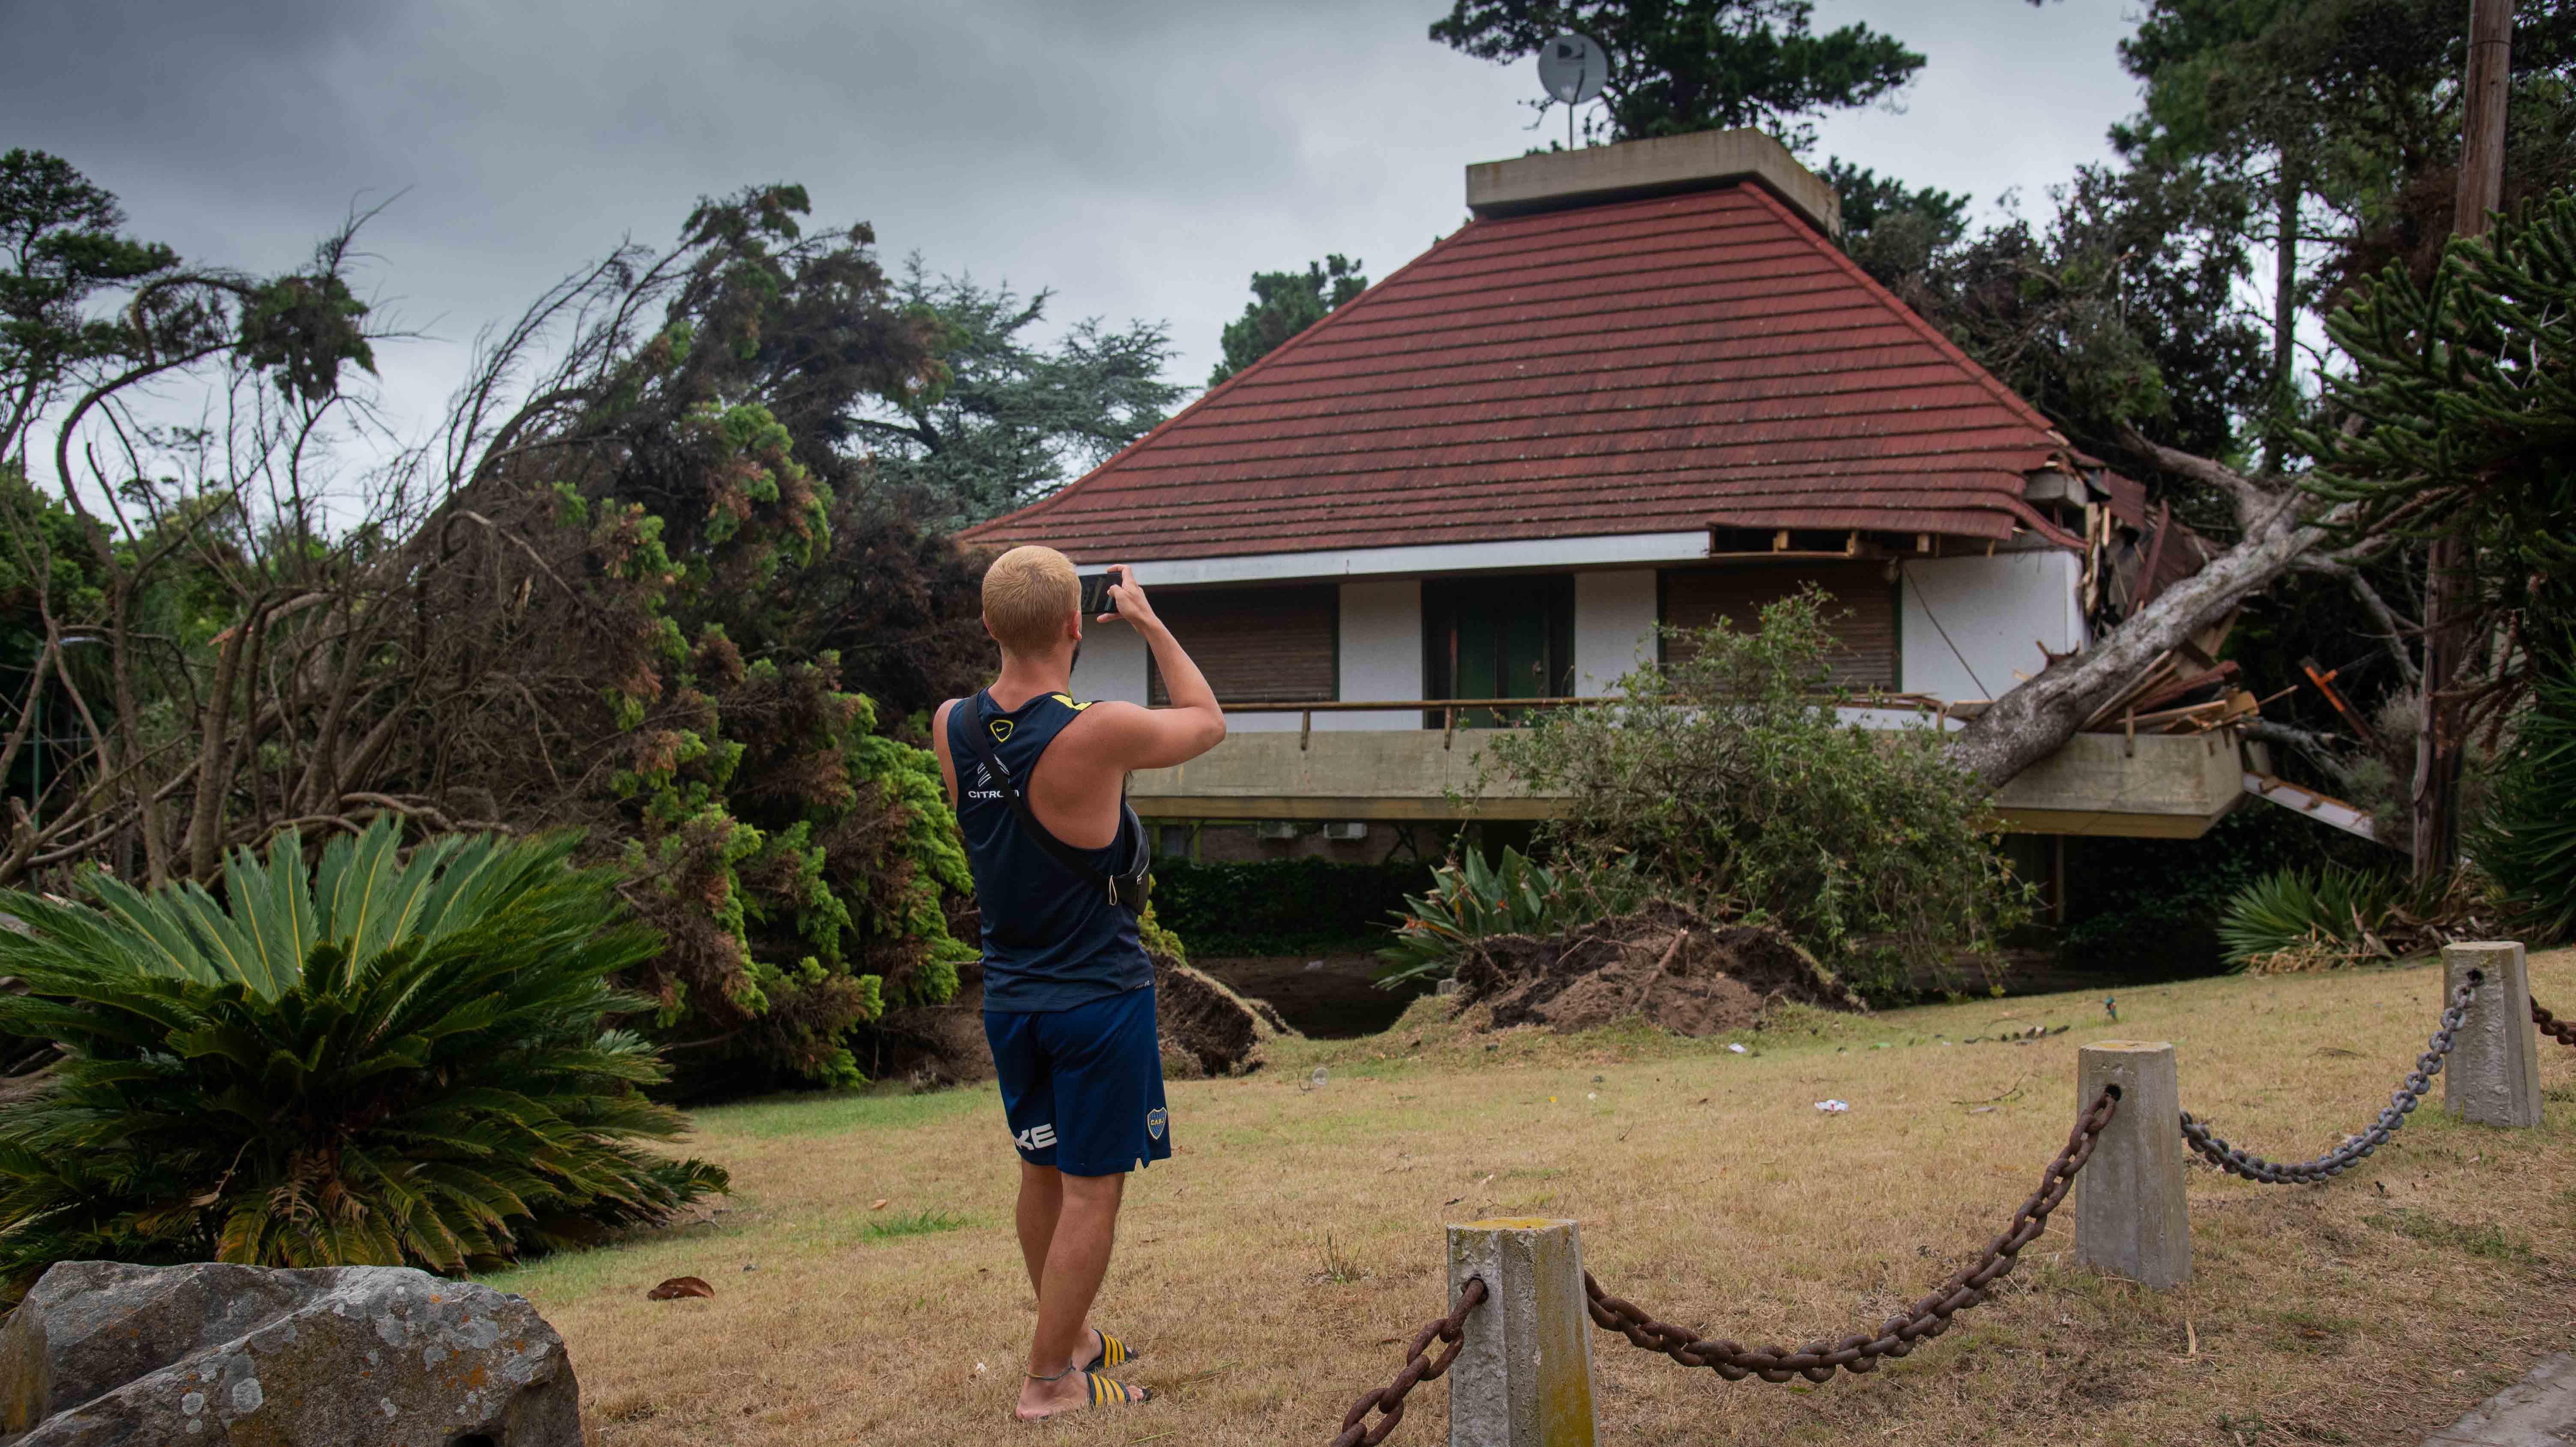 Un tornado pasó por encima de la ciudad de Pinamar durante la tarde del miércoles 6 de enero y provocó destrozos en casas, tendido eléctrico, una sede policial. Además, como consecuencia de la caída de ramas, hubo tres heridos, dos están internados (Fotos: Diego Medina)